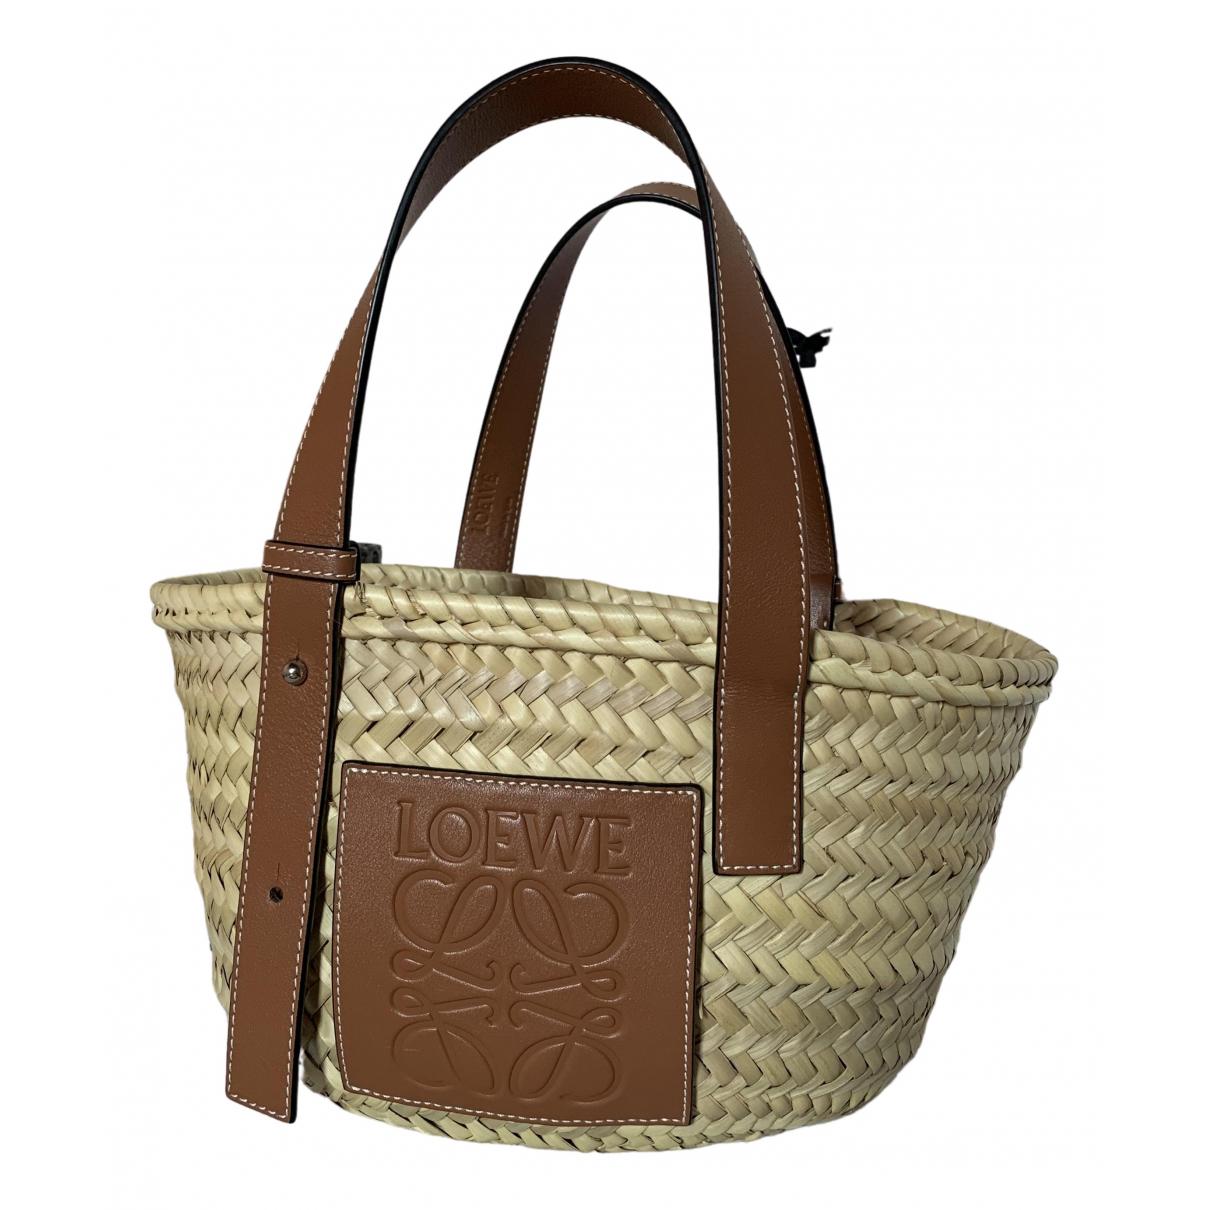 Loewe Basket Bag Brown Wicker handbag for Women \N